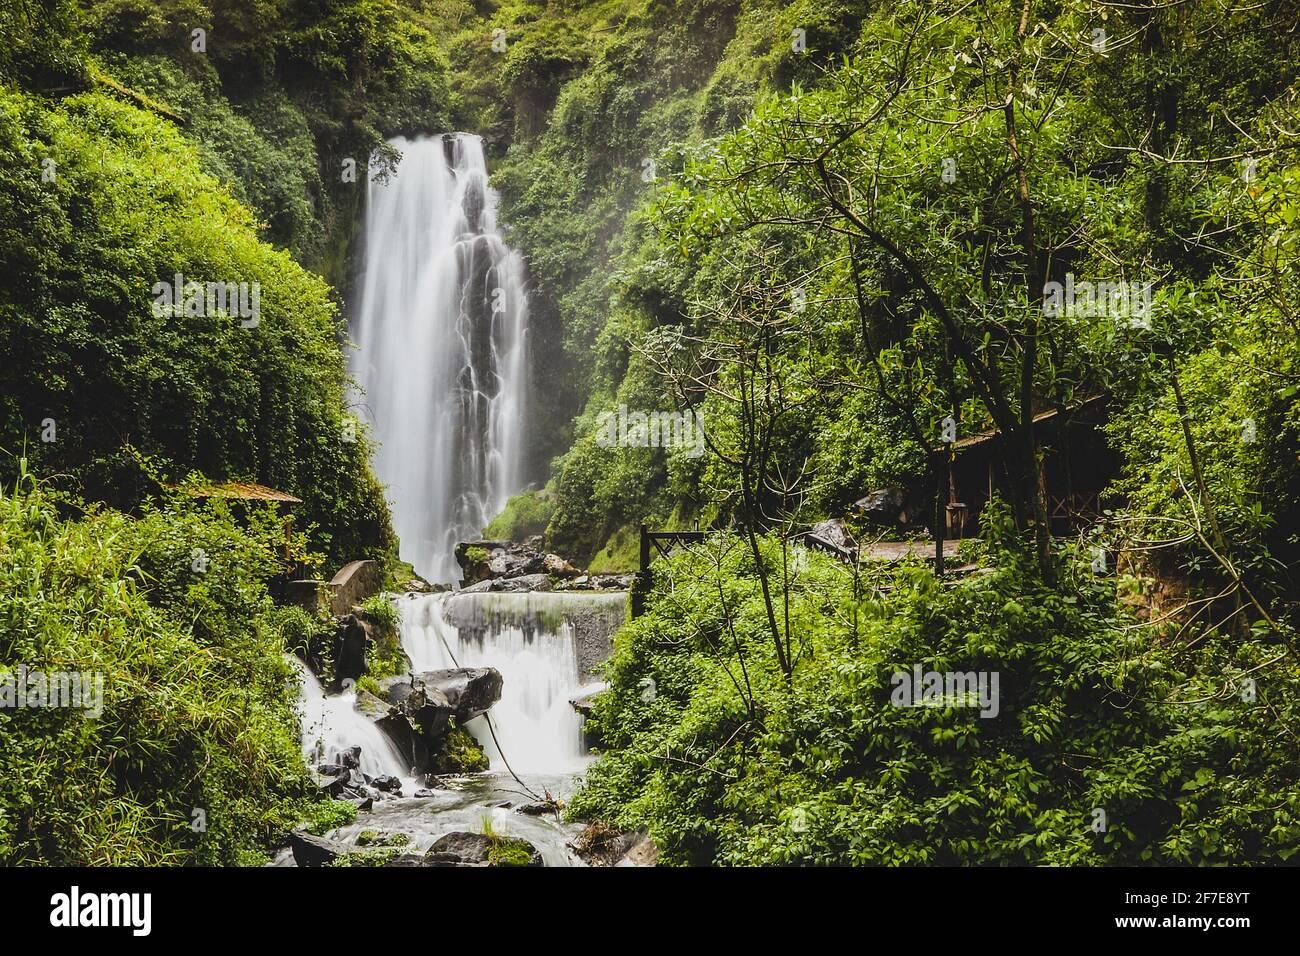 Cascadas de peguche,.A small waterfall in a lush green environmnent in Ecuador, close to Otavalo. Stock Photo